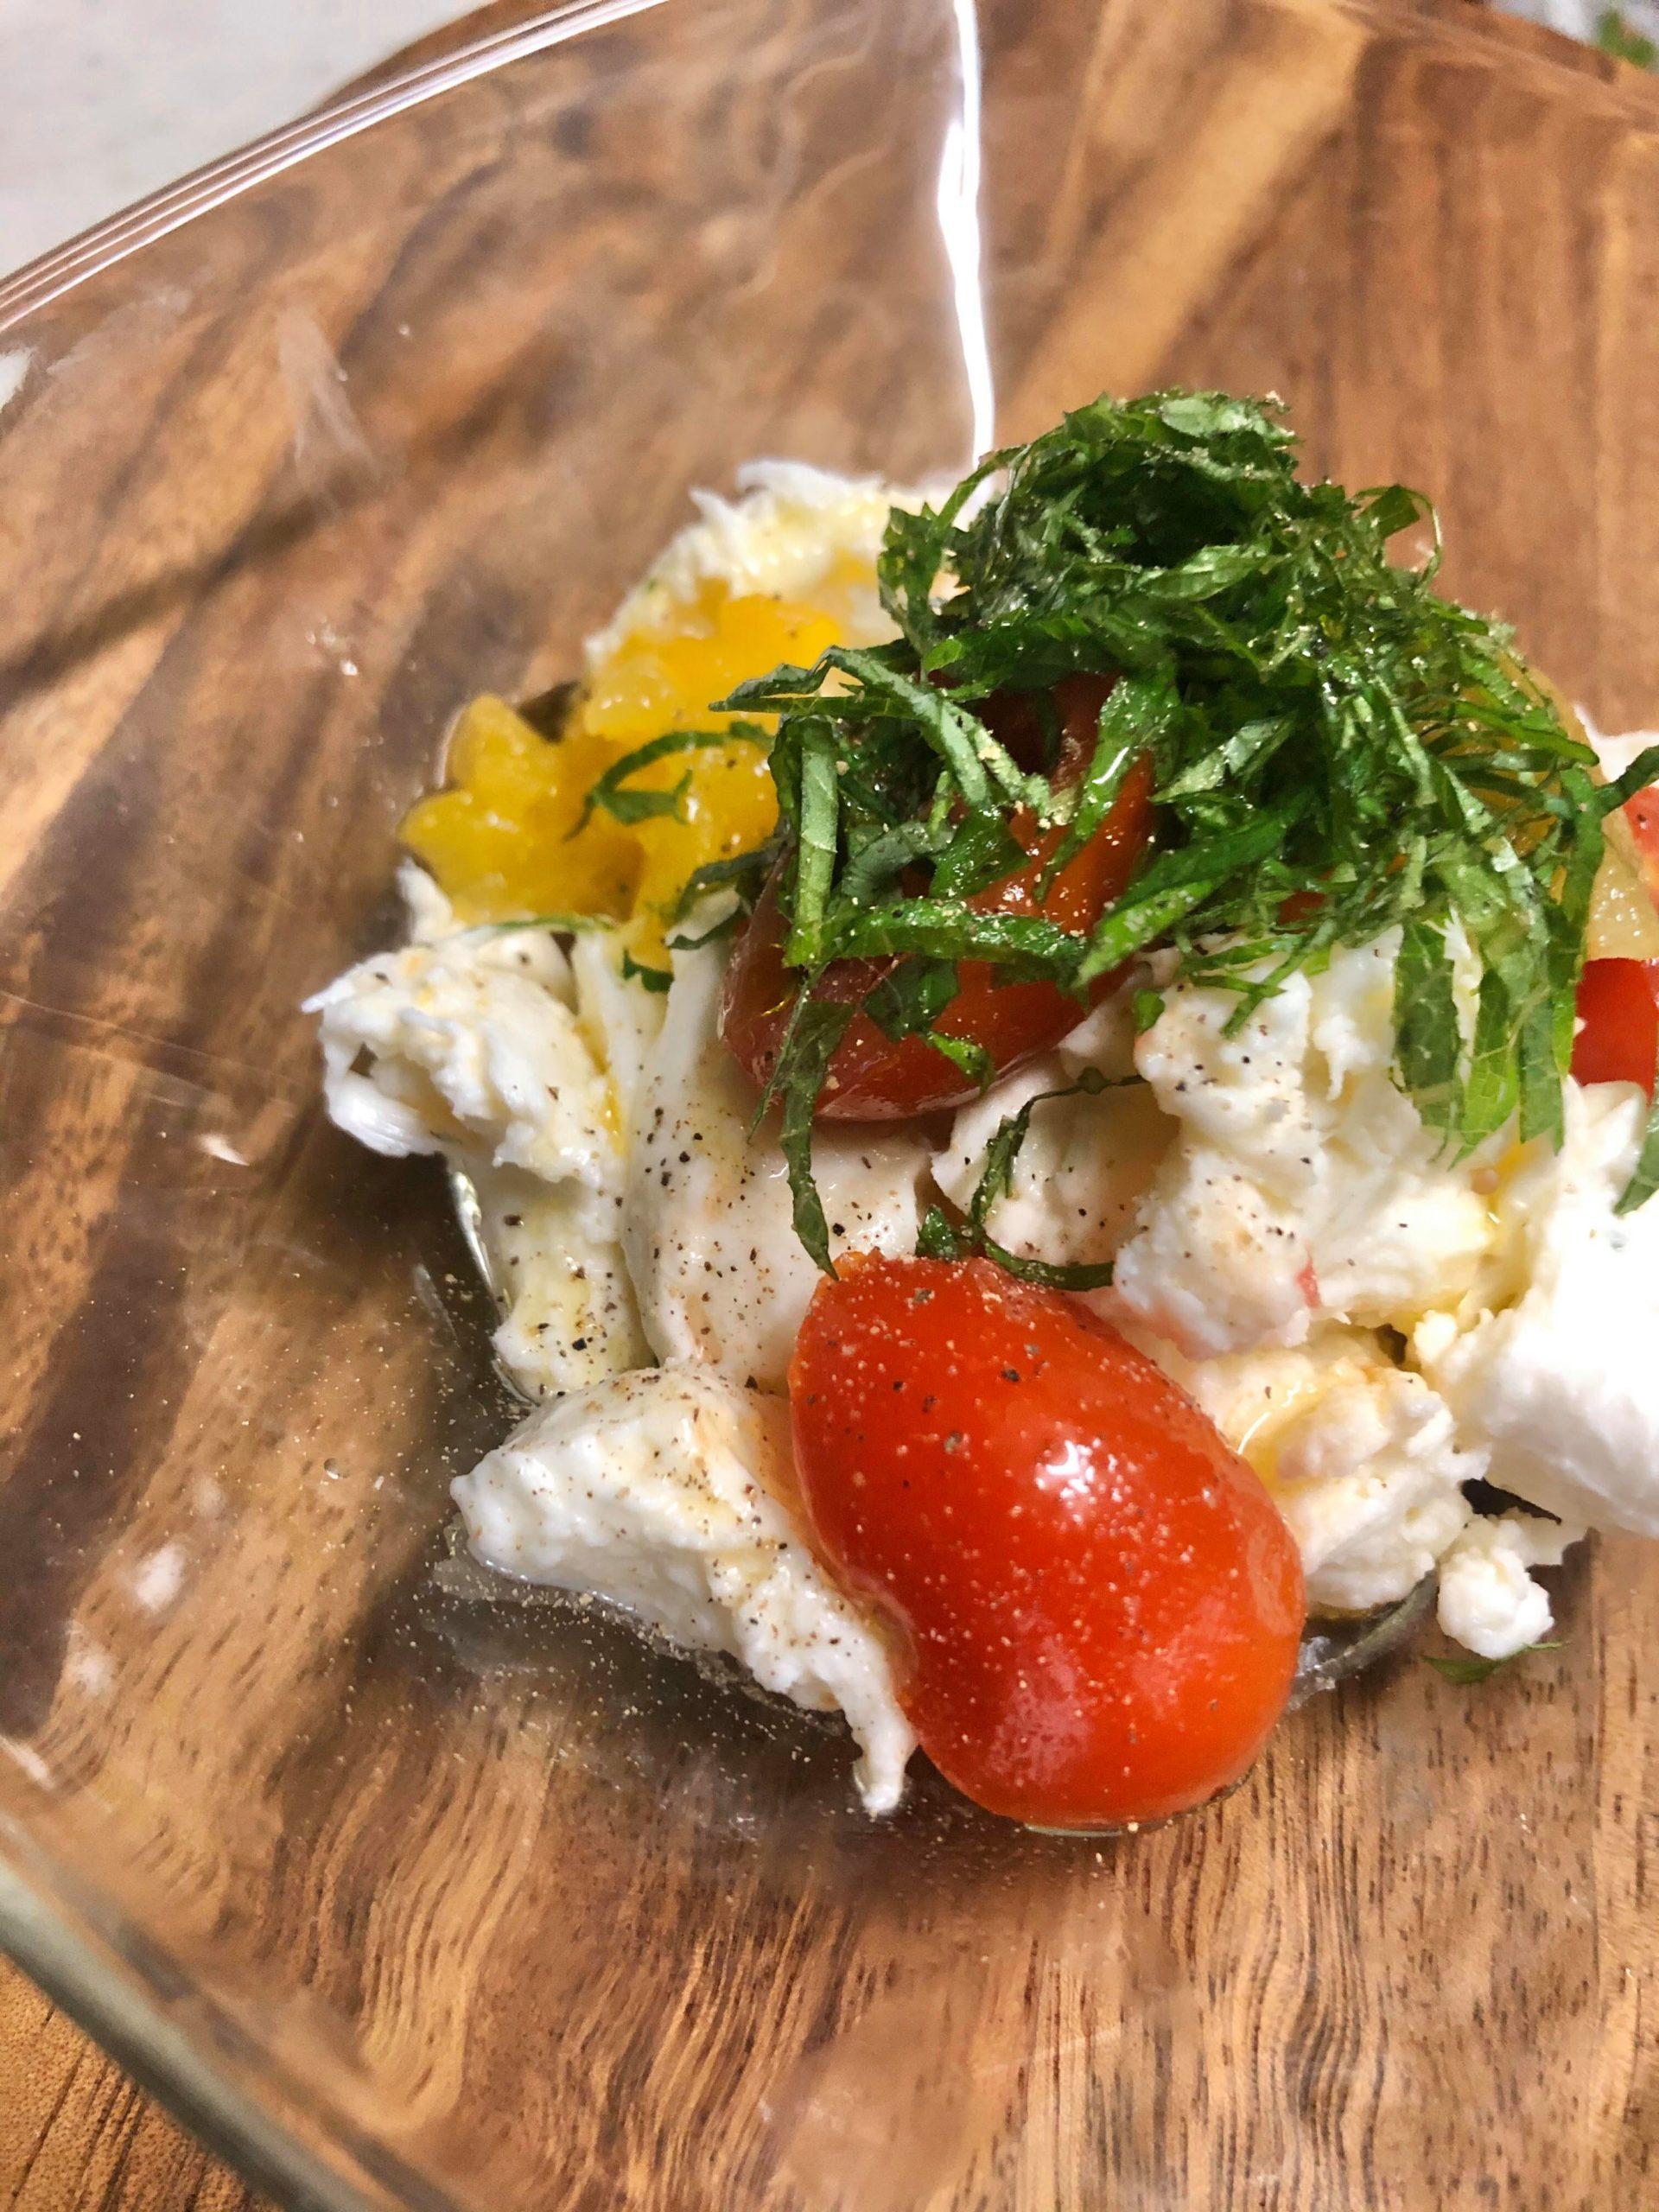 岩田先生のお料理教室:そら豆のペペロンチーノ&大葉とモッツァレラのサラダ